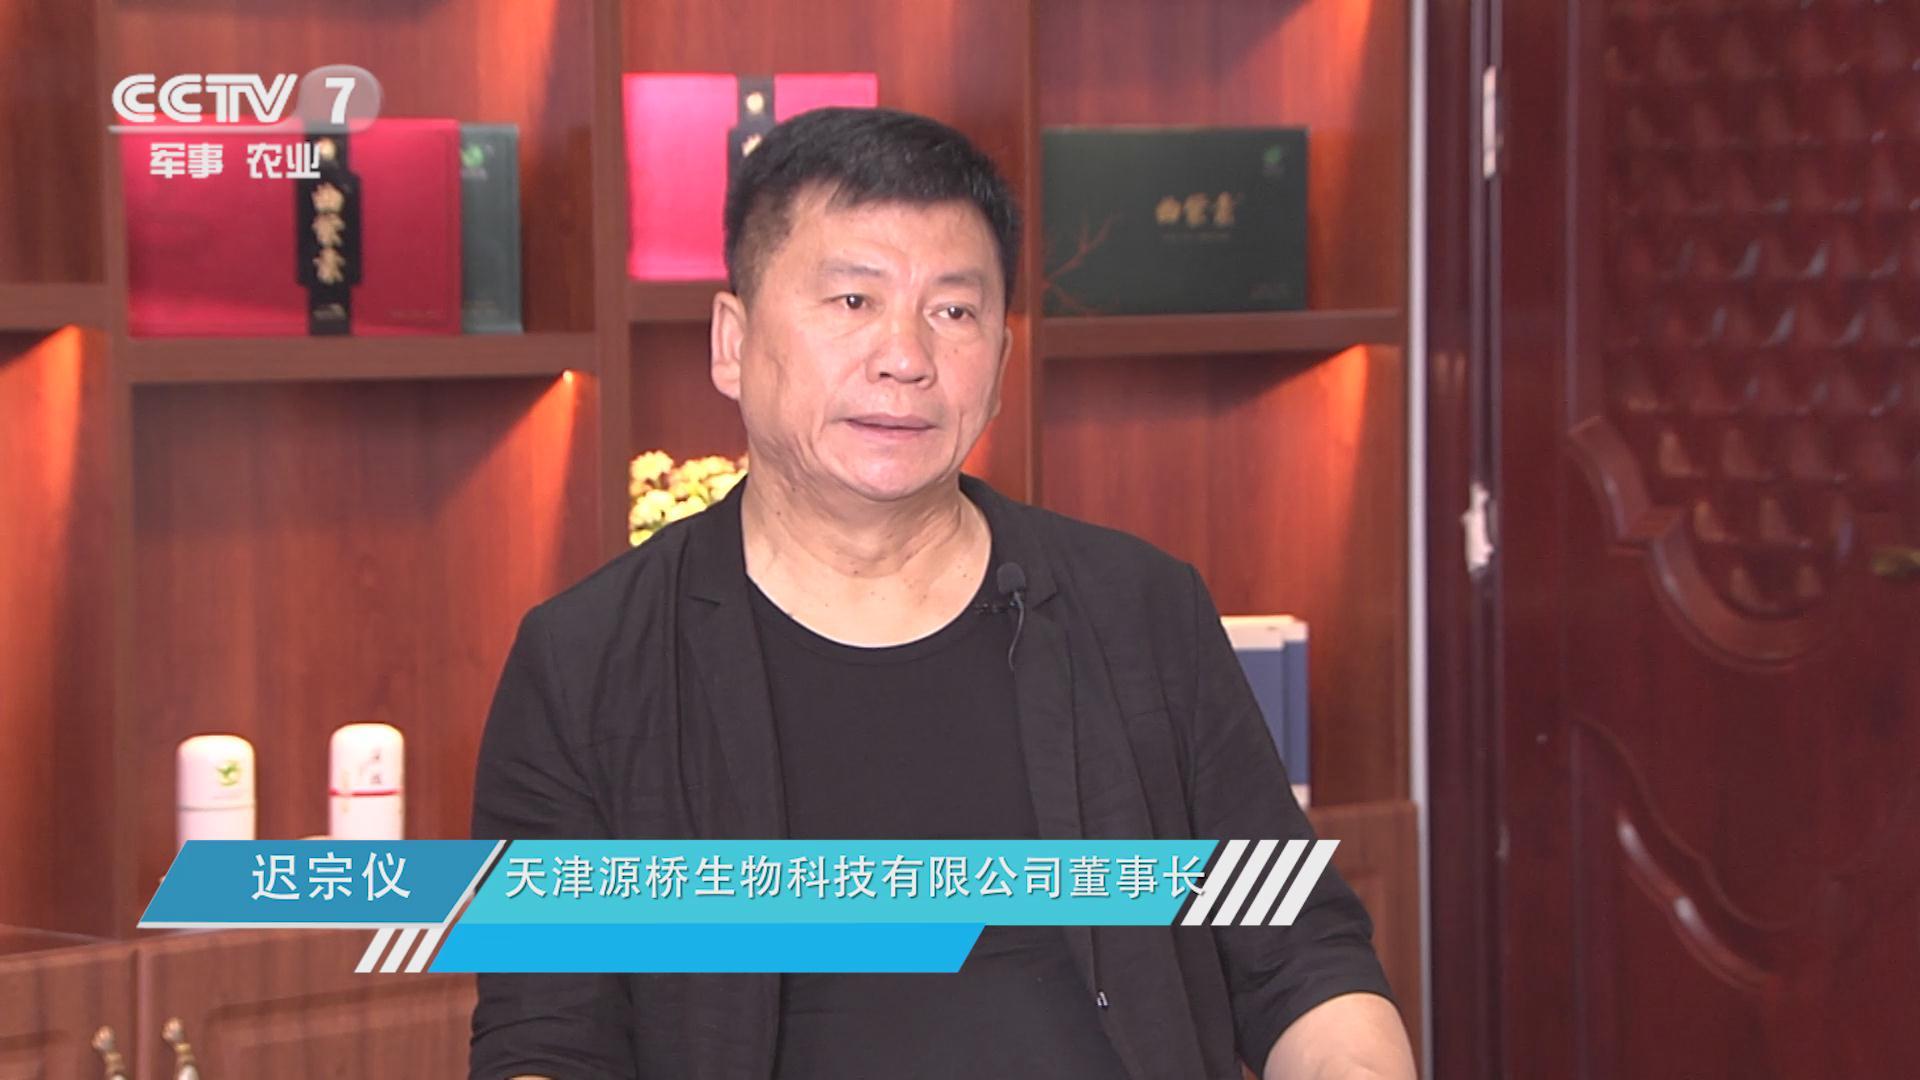 健康中国 源桥护航——天津源桥生物科技有限公司